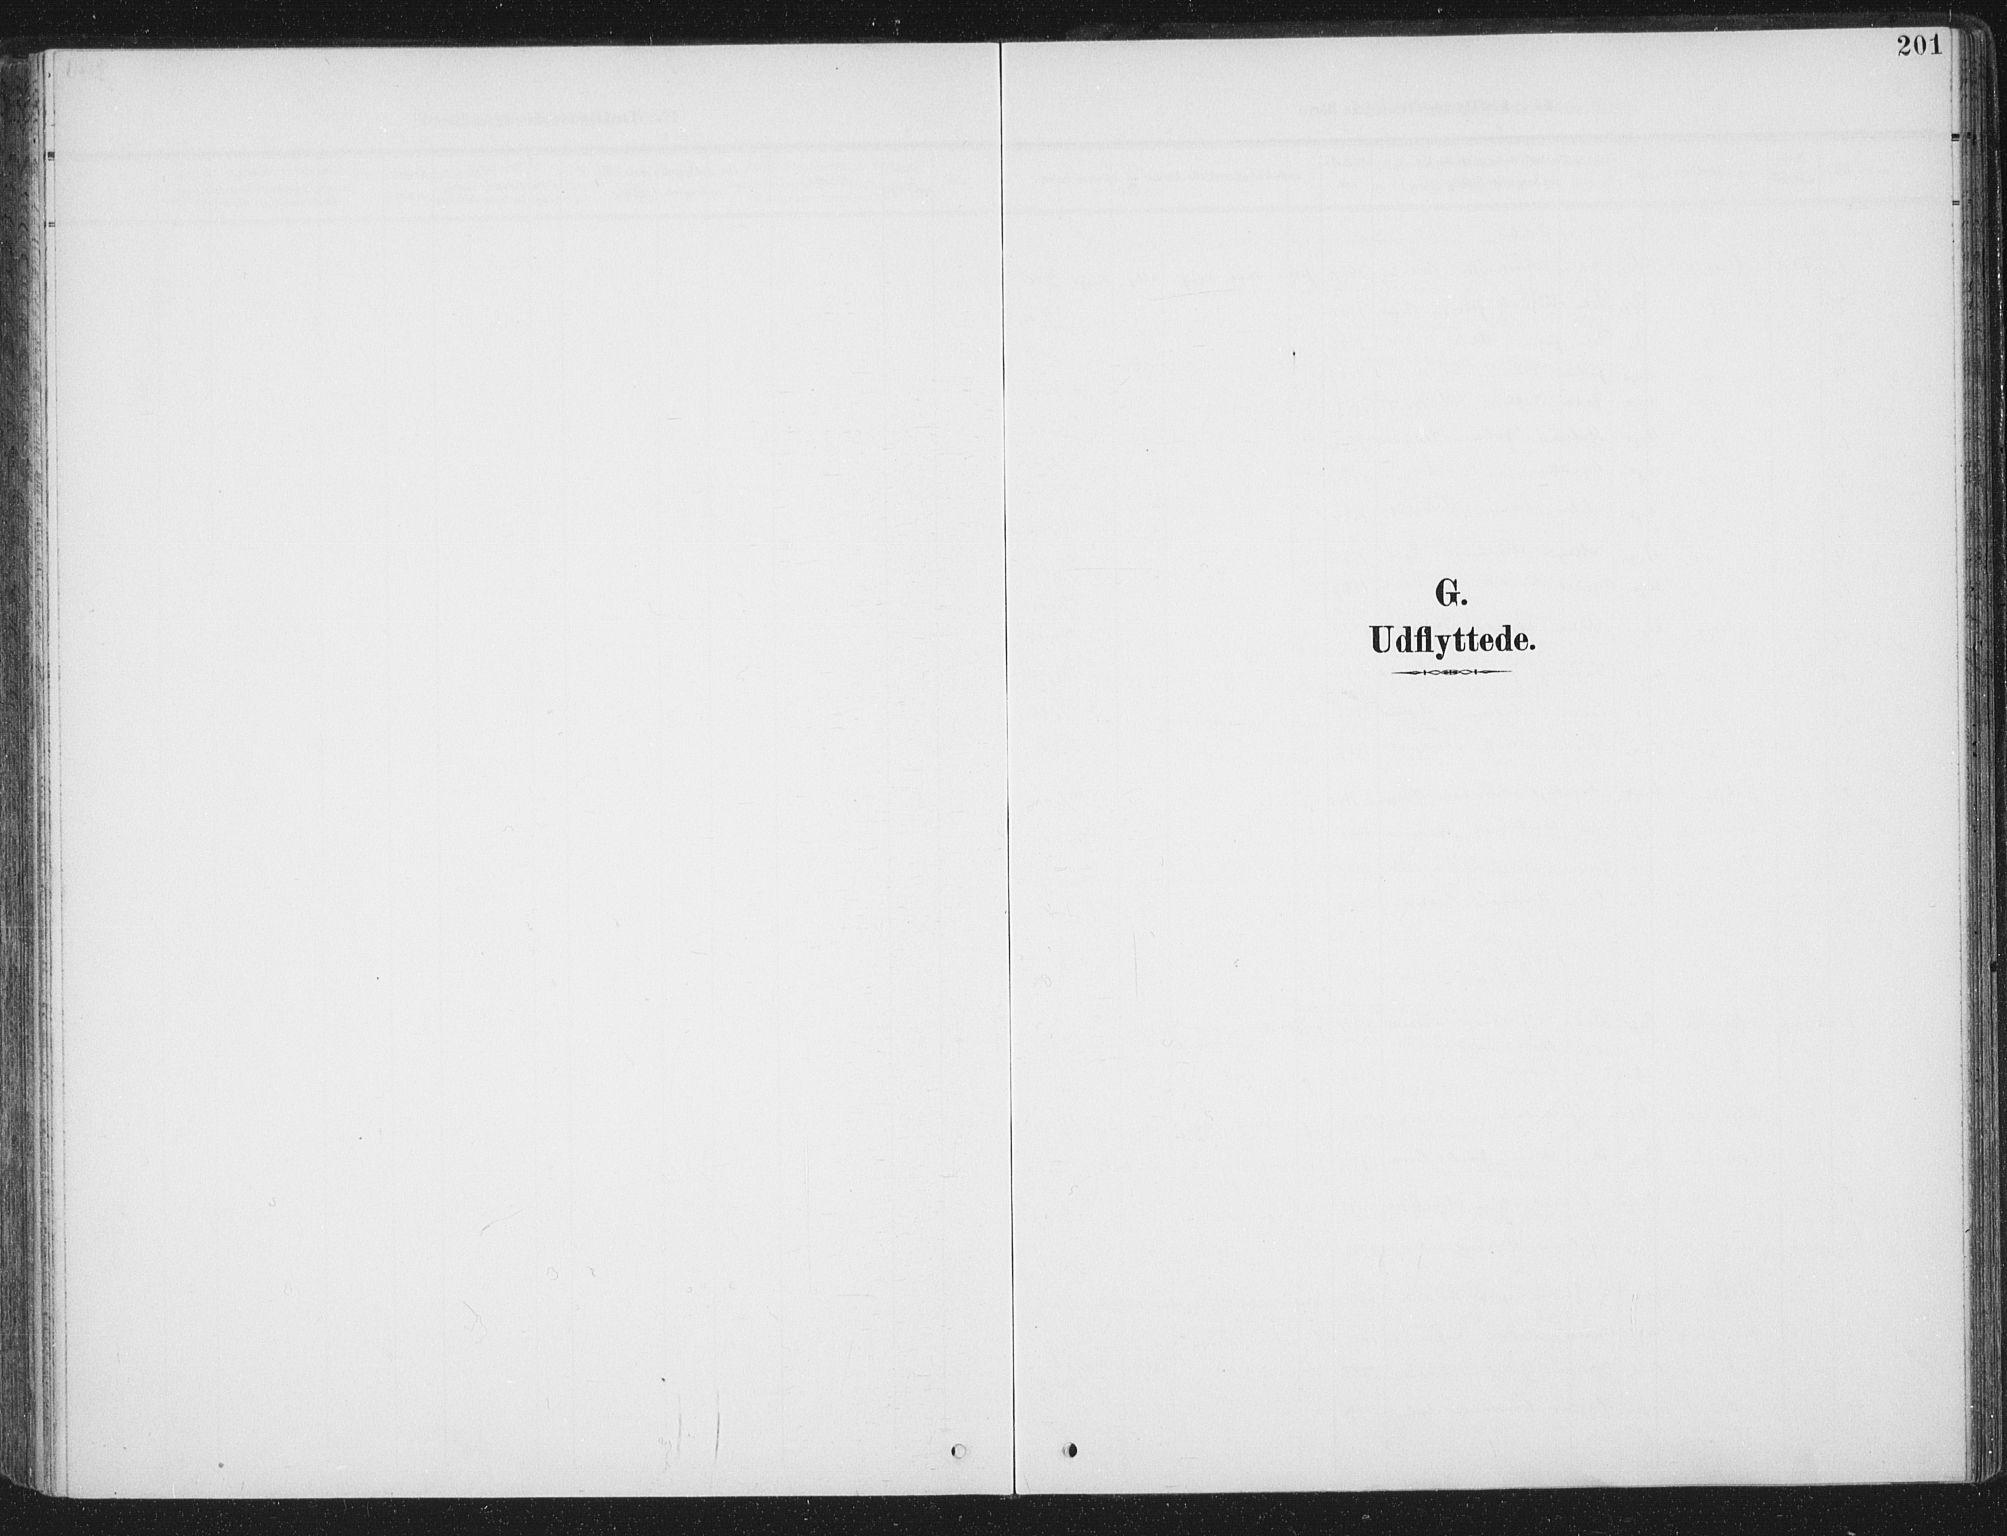 SAT, Ministerialprotokoller, klokkerbøker og fødselsregistre - Sør-Trøndelag, 657/L0709: Ministerialbok nr. 657A10, 1905-1919, s. 201